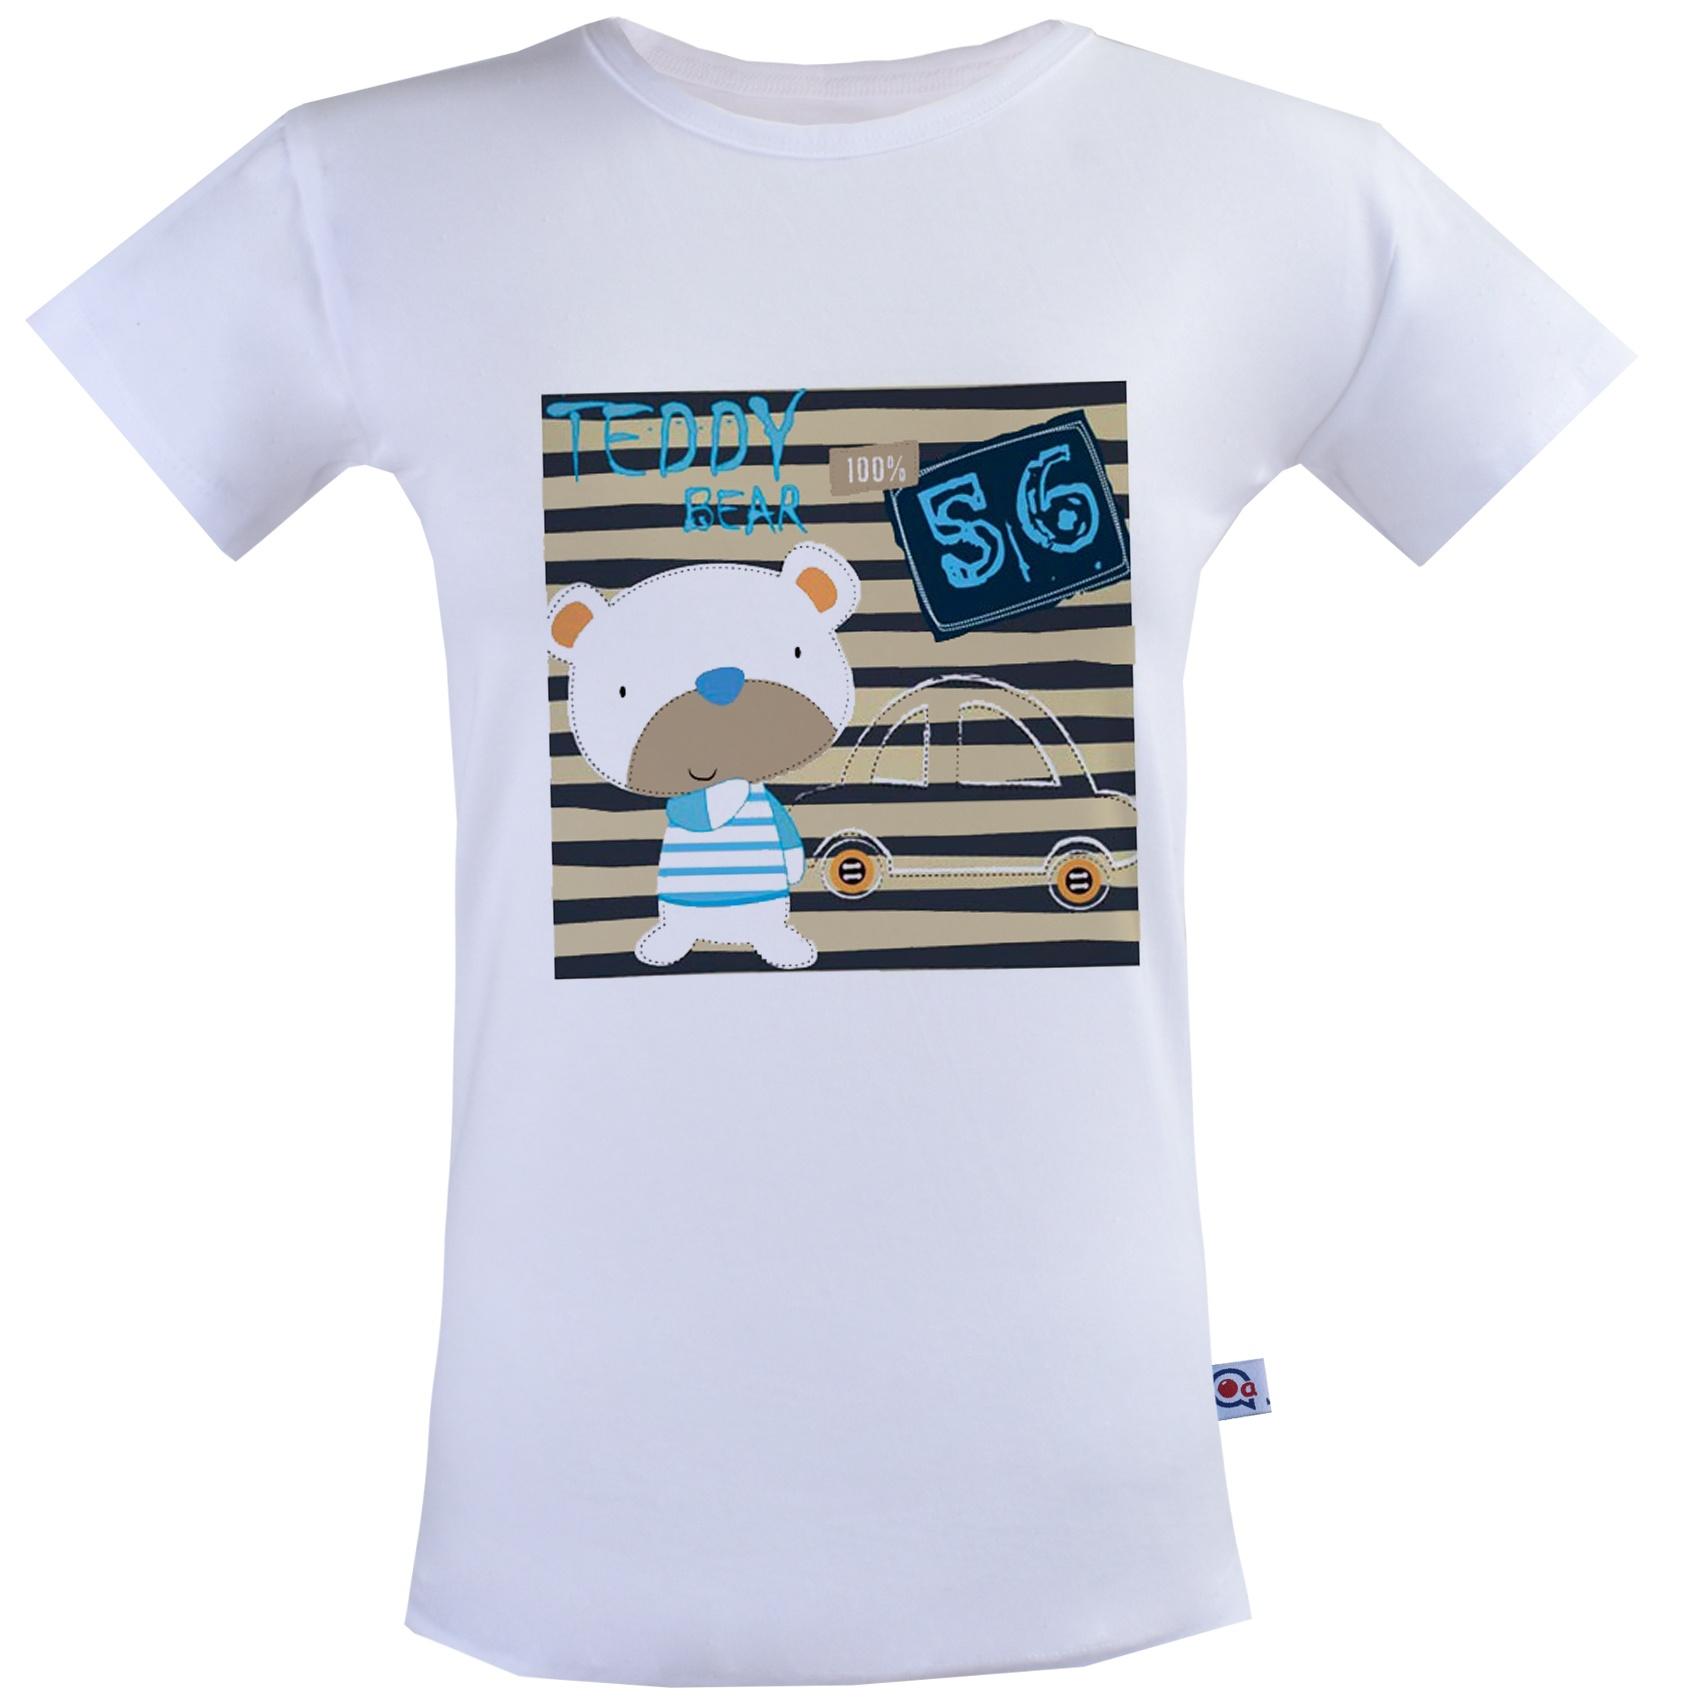 تی شرت نه آکو طرح خرسی کد SS121